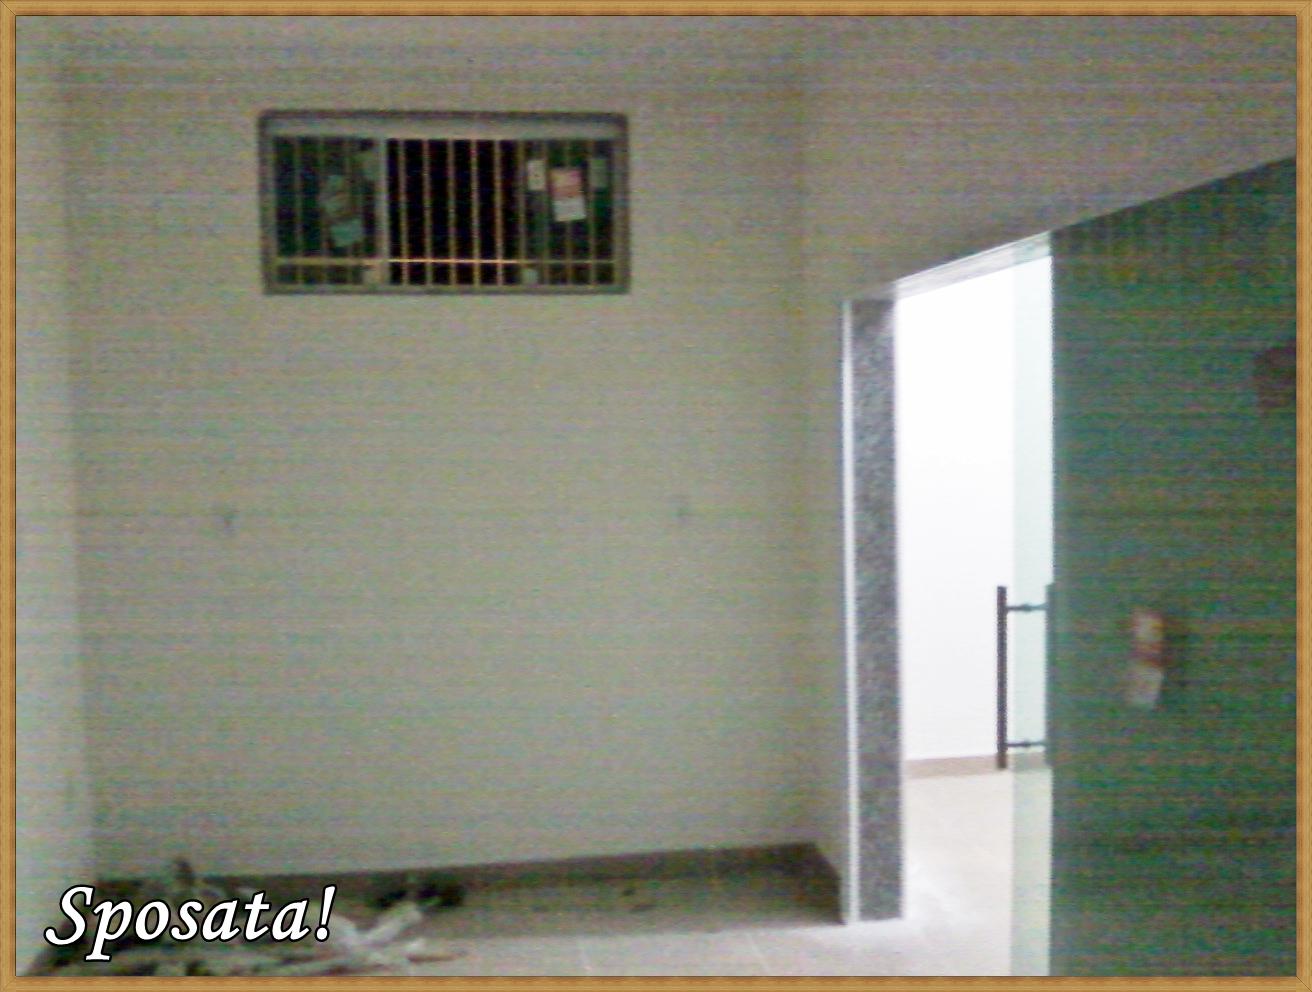 #947037 Sposata!: Ideias para o lar A reforma da minha casa (Parte 1): Sala 186 Janelas De Vidro Na Sala